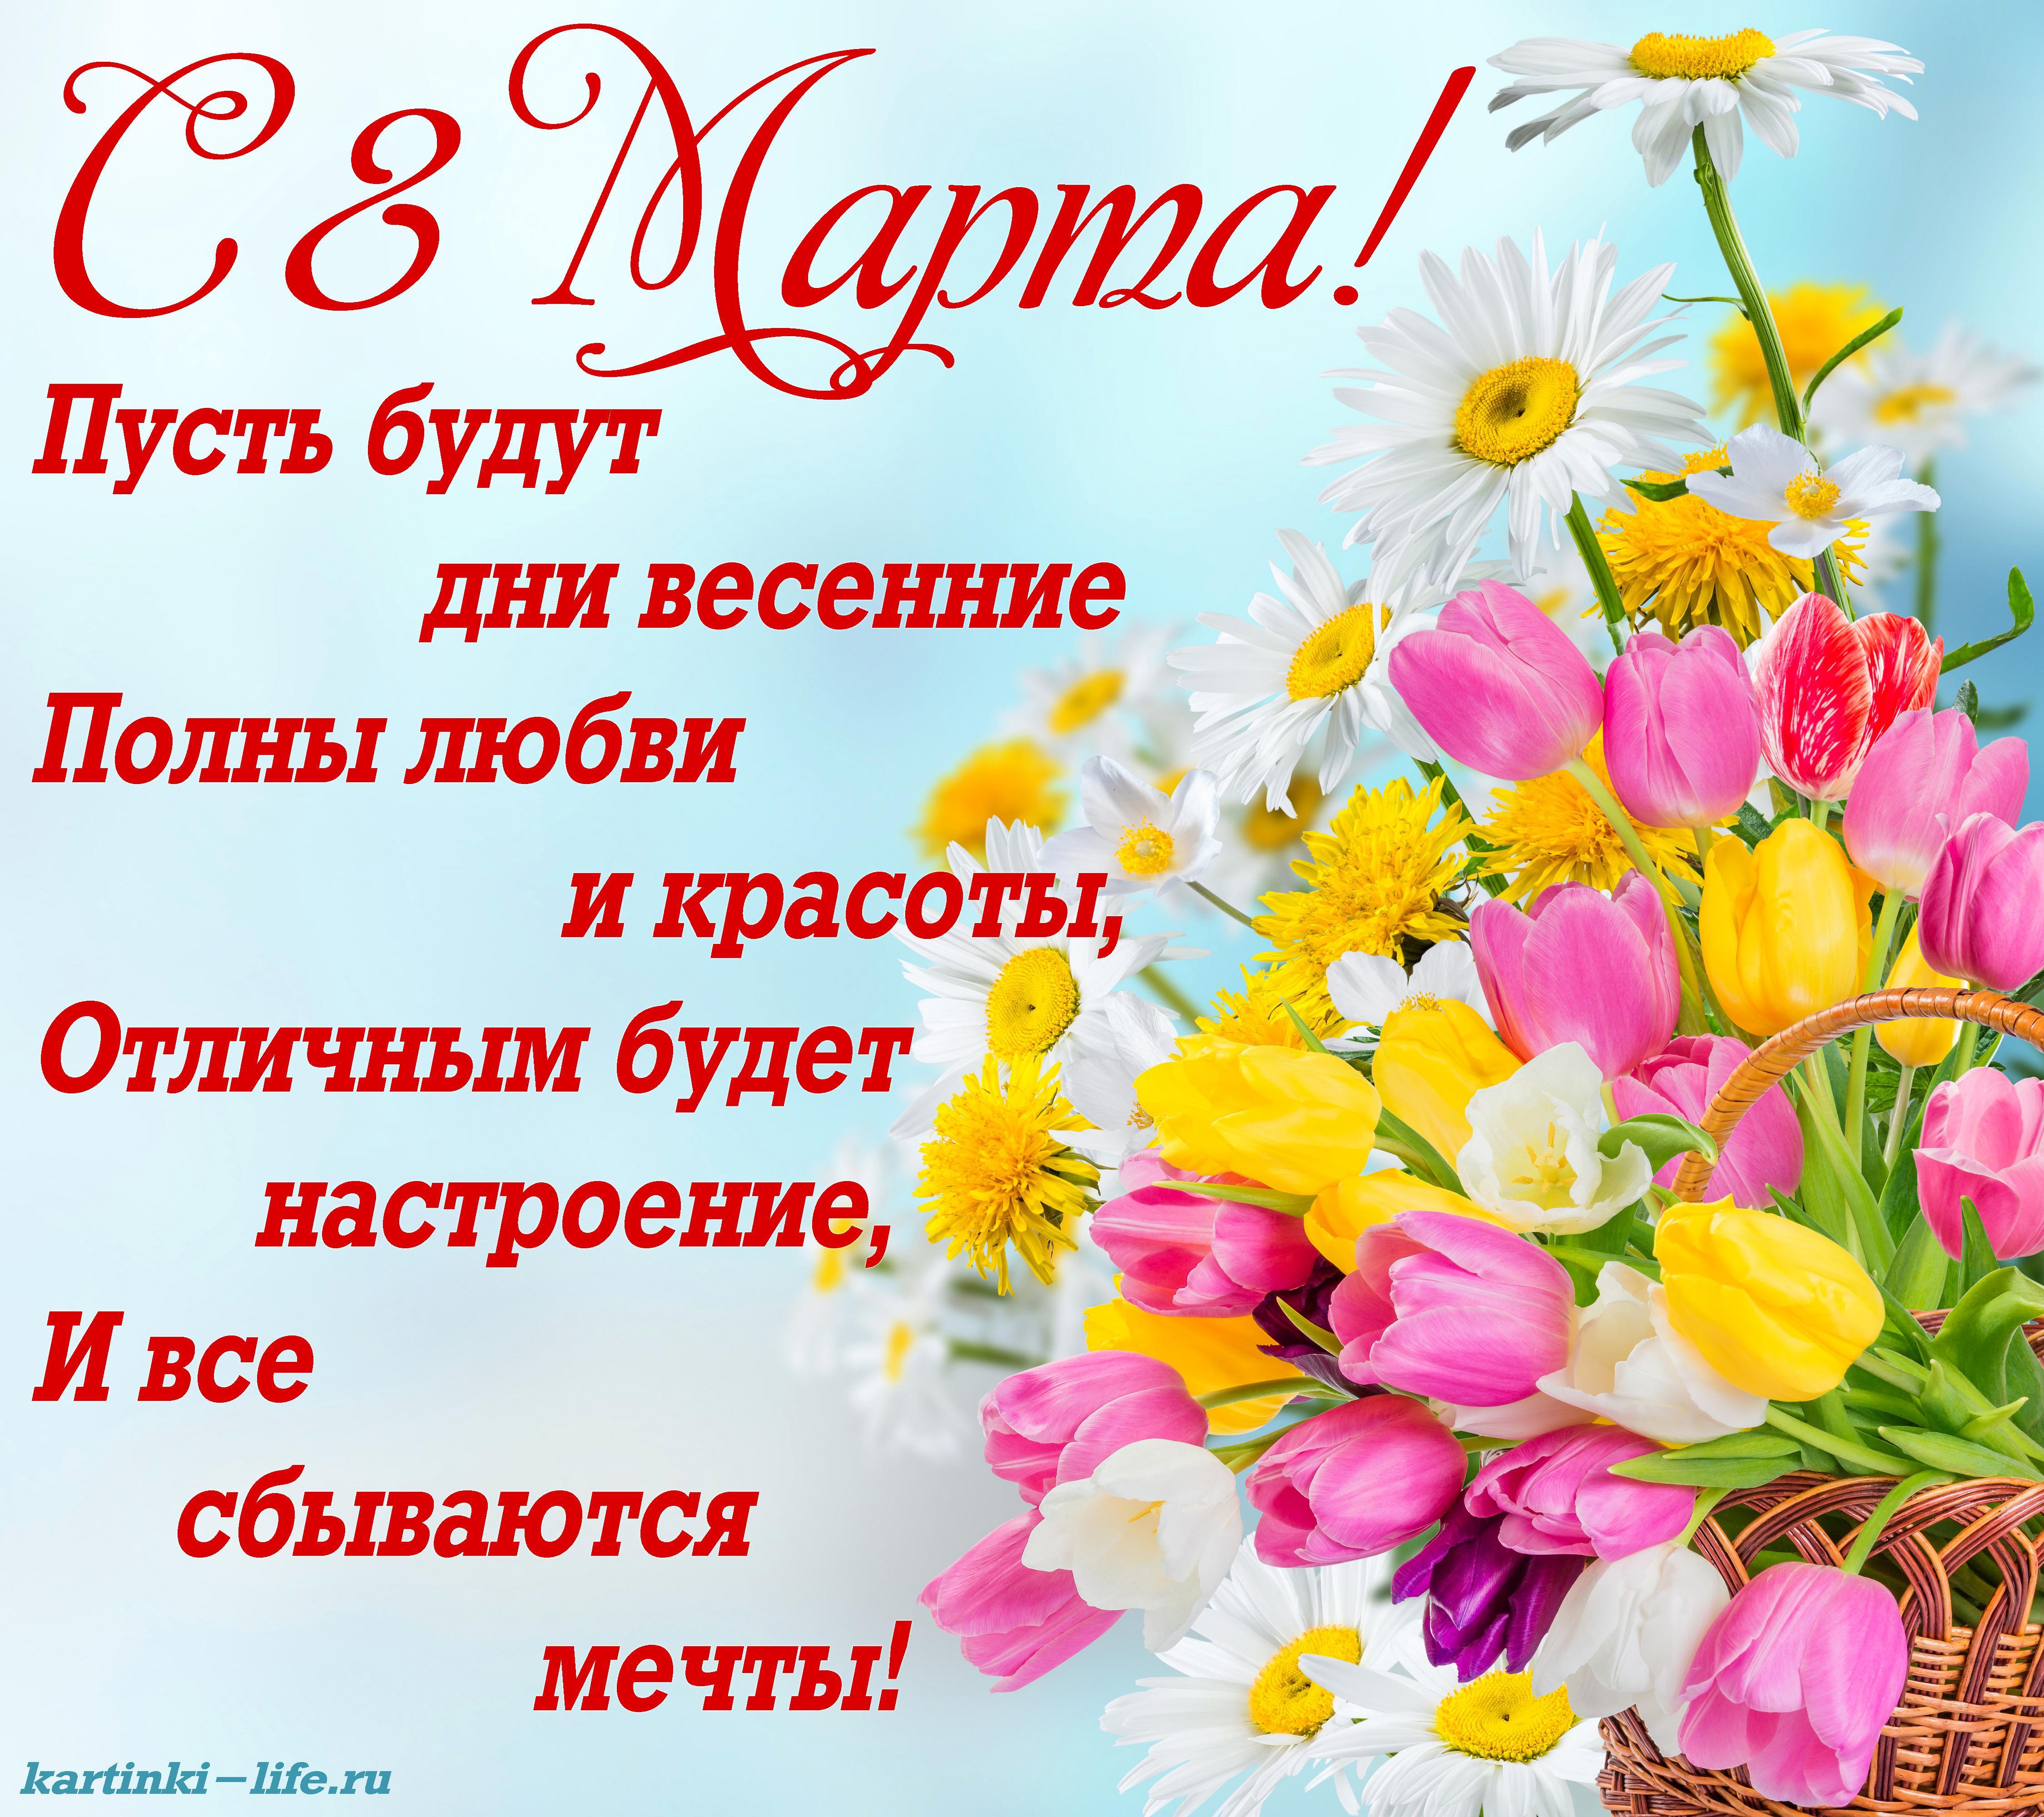 С 8 Марта! Пусть будут дни весенние Полны любви и красоты, Отличным будет настроение, И все сбываются мечты!